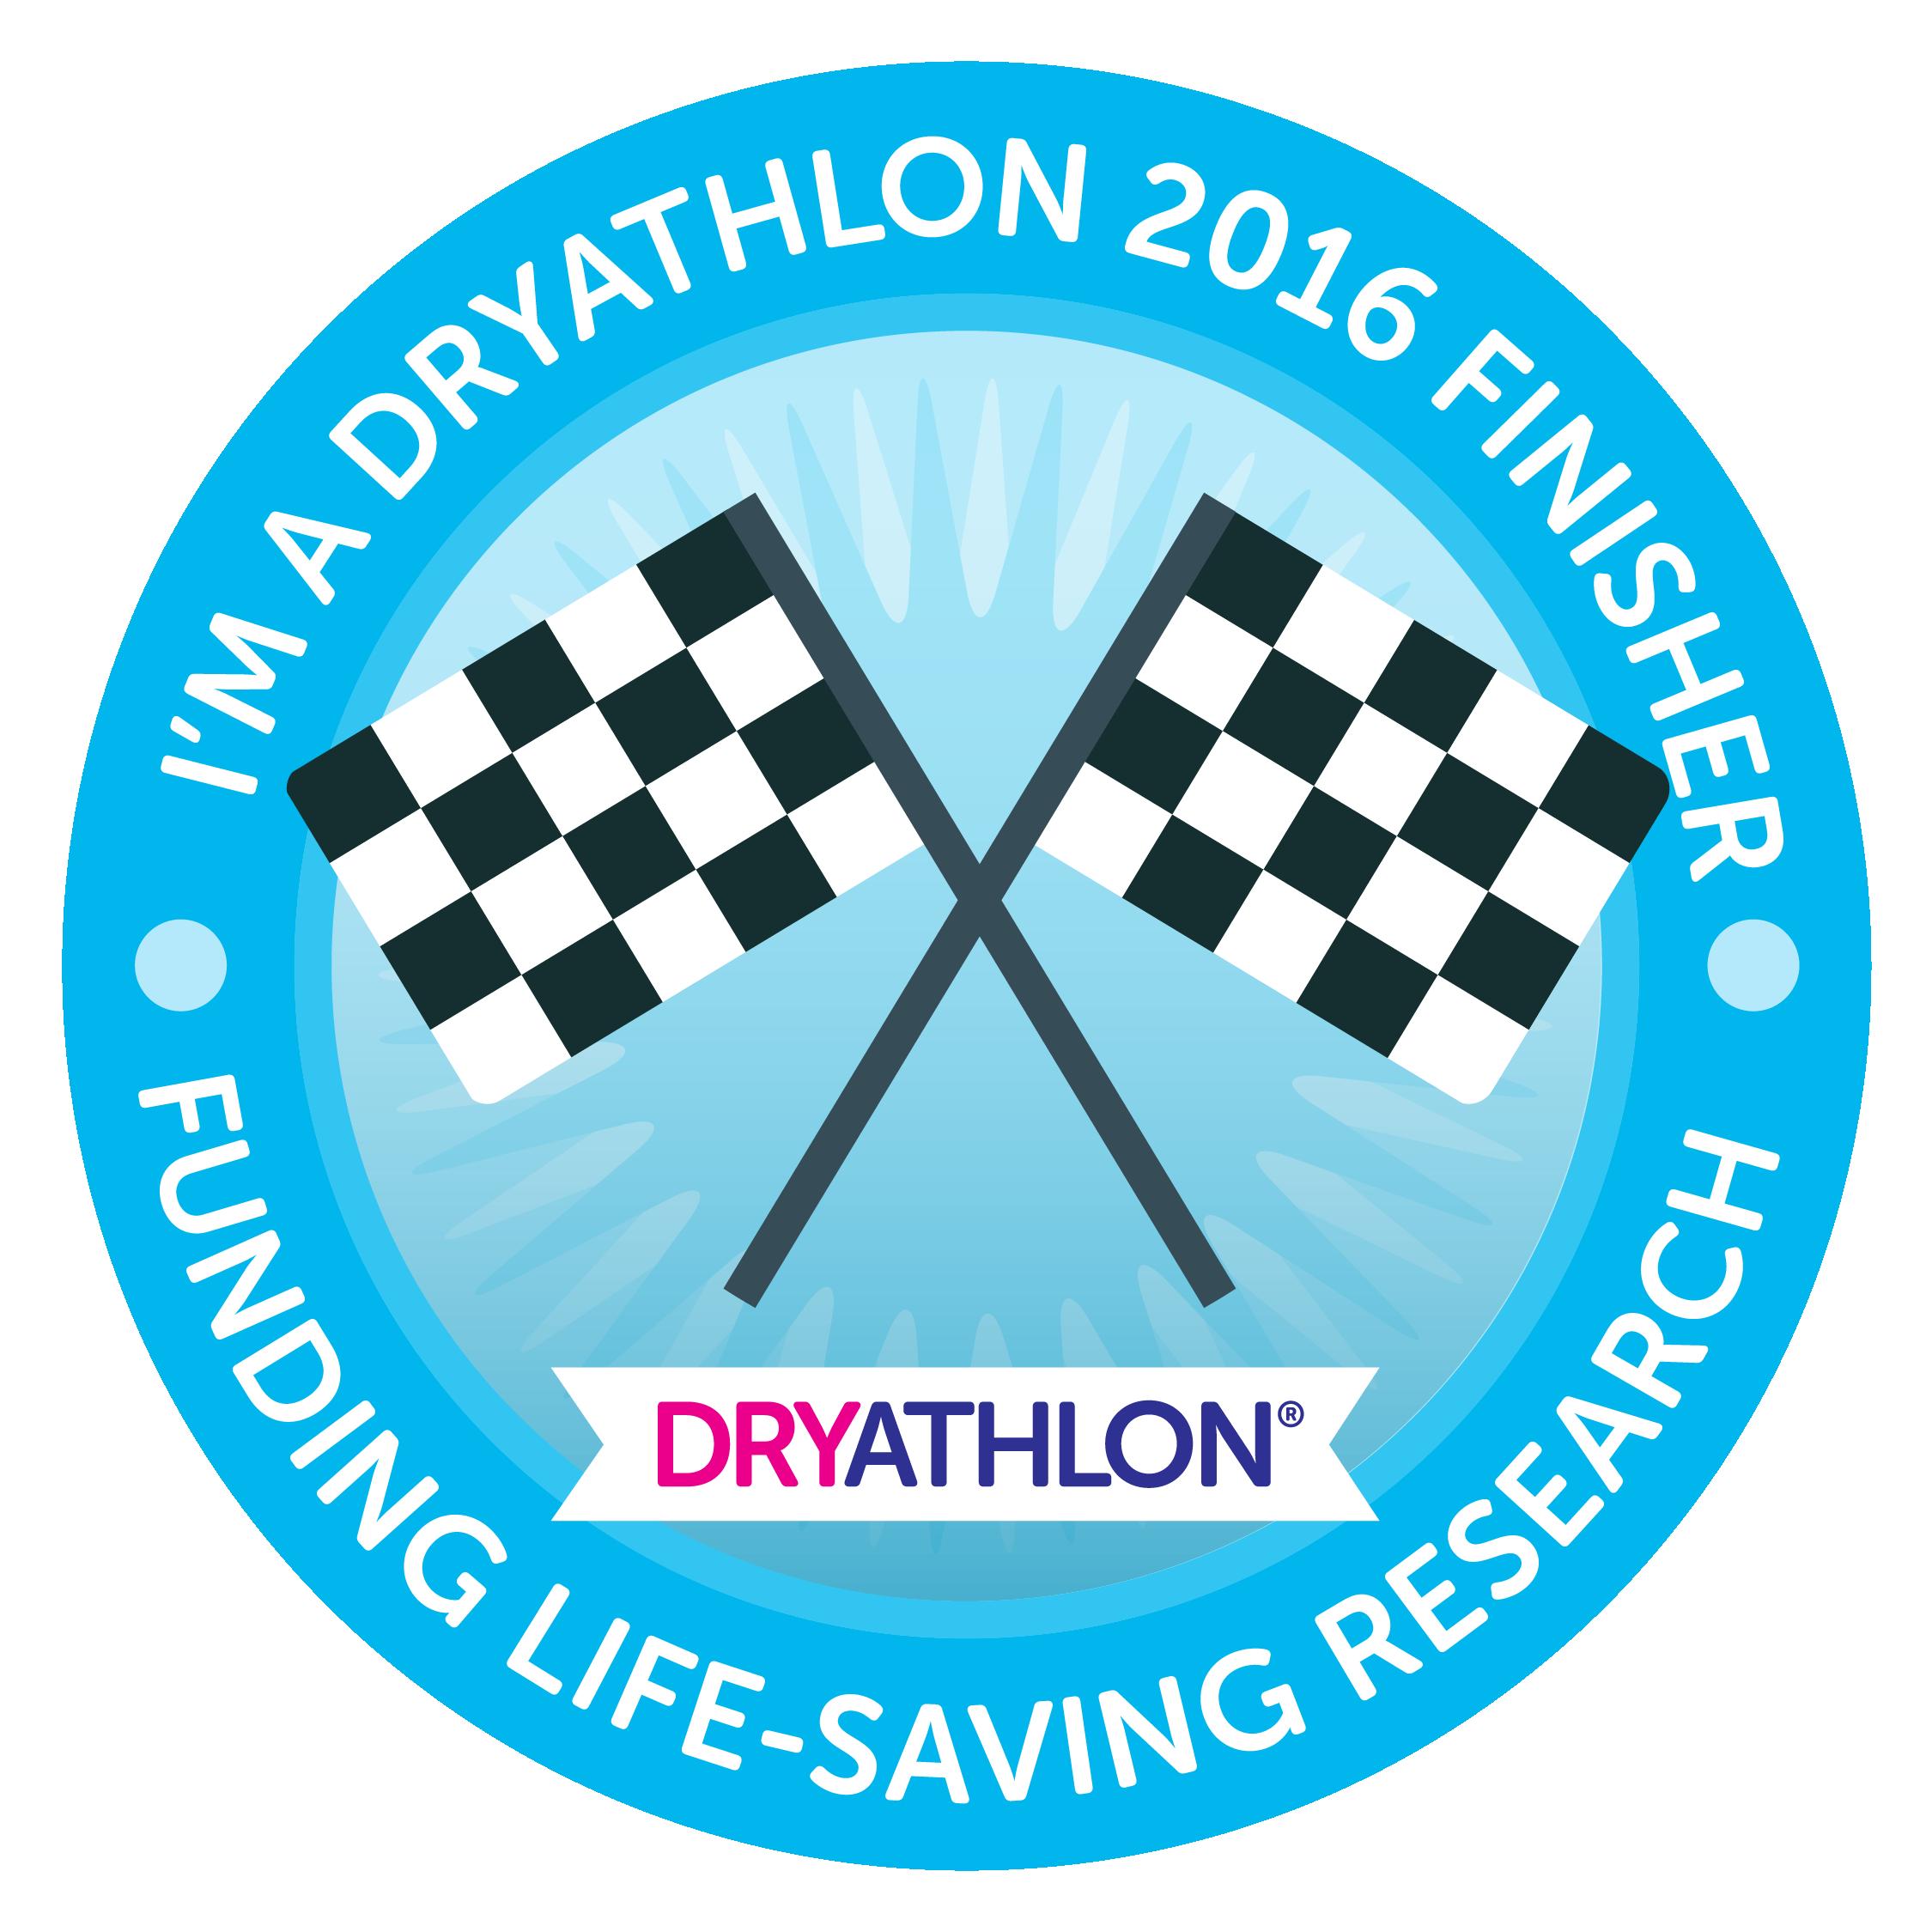 September 2016 finisher badge